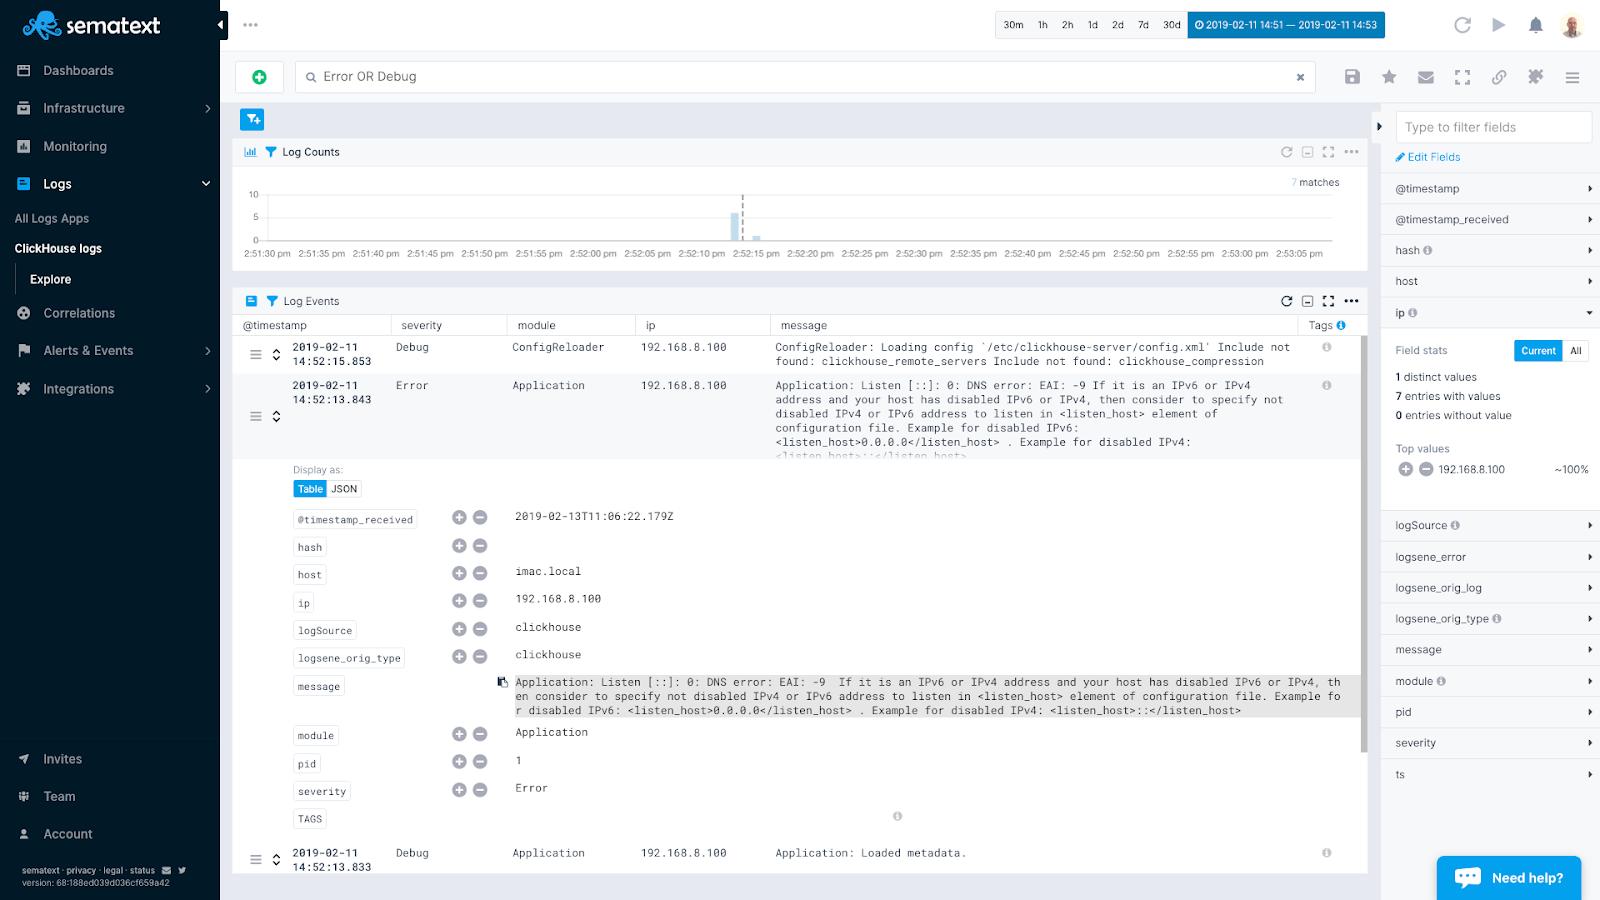 clickhouse logs search